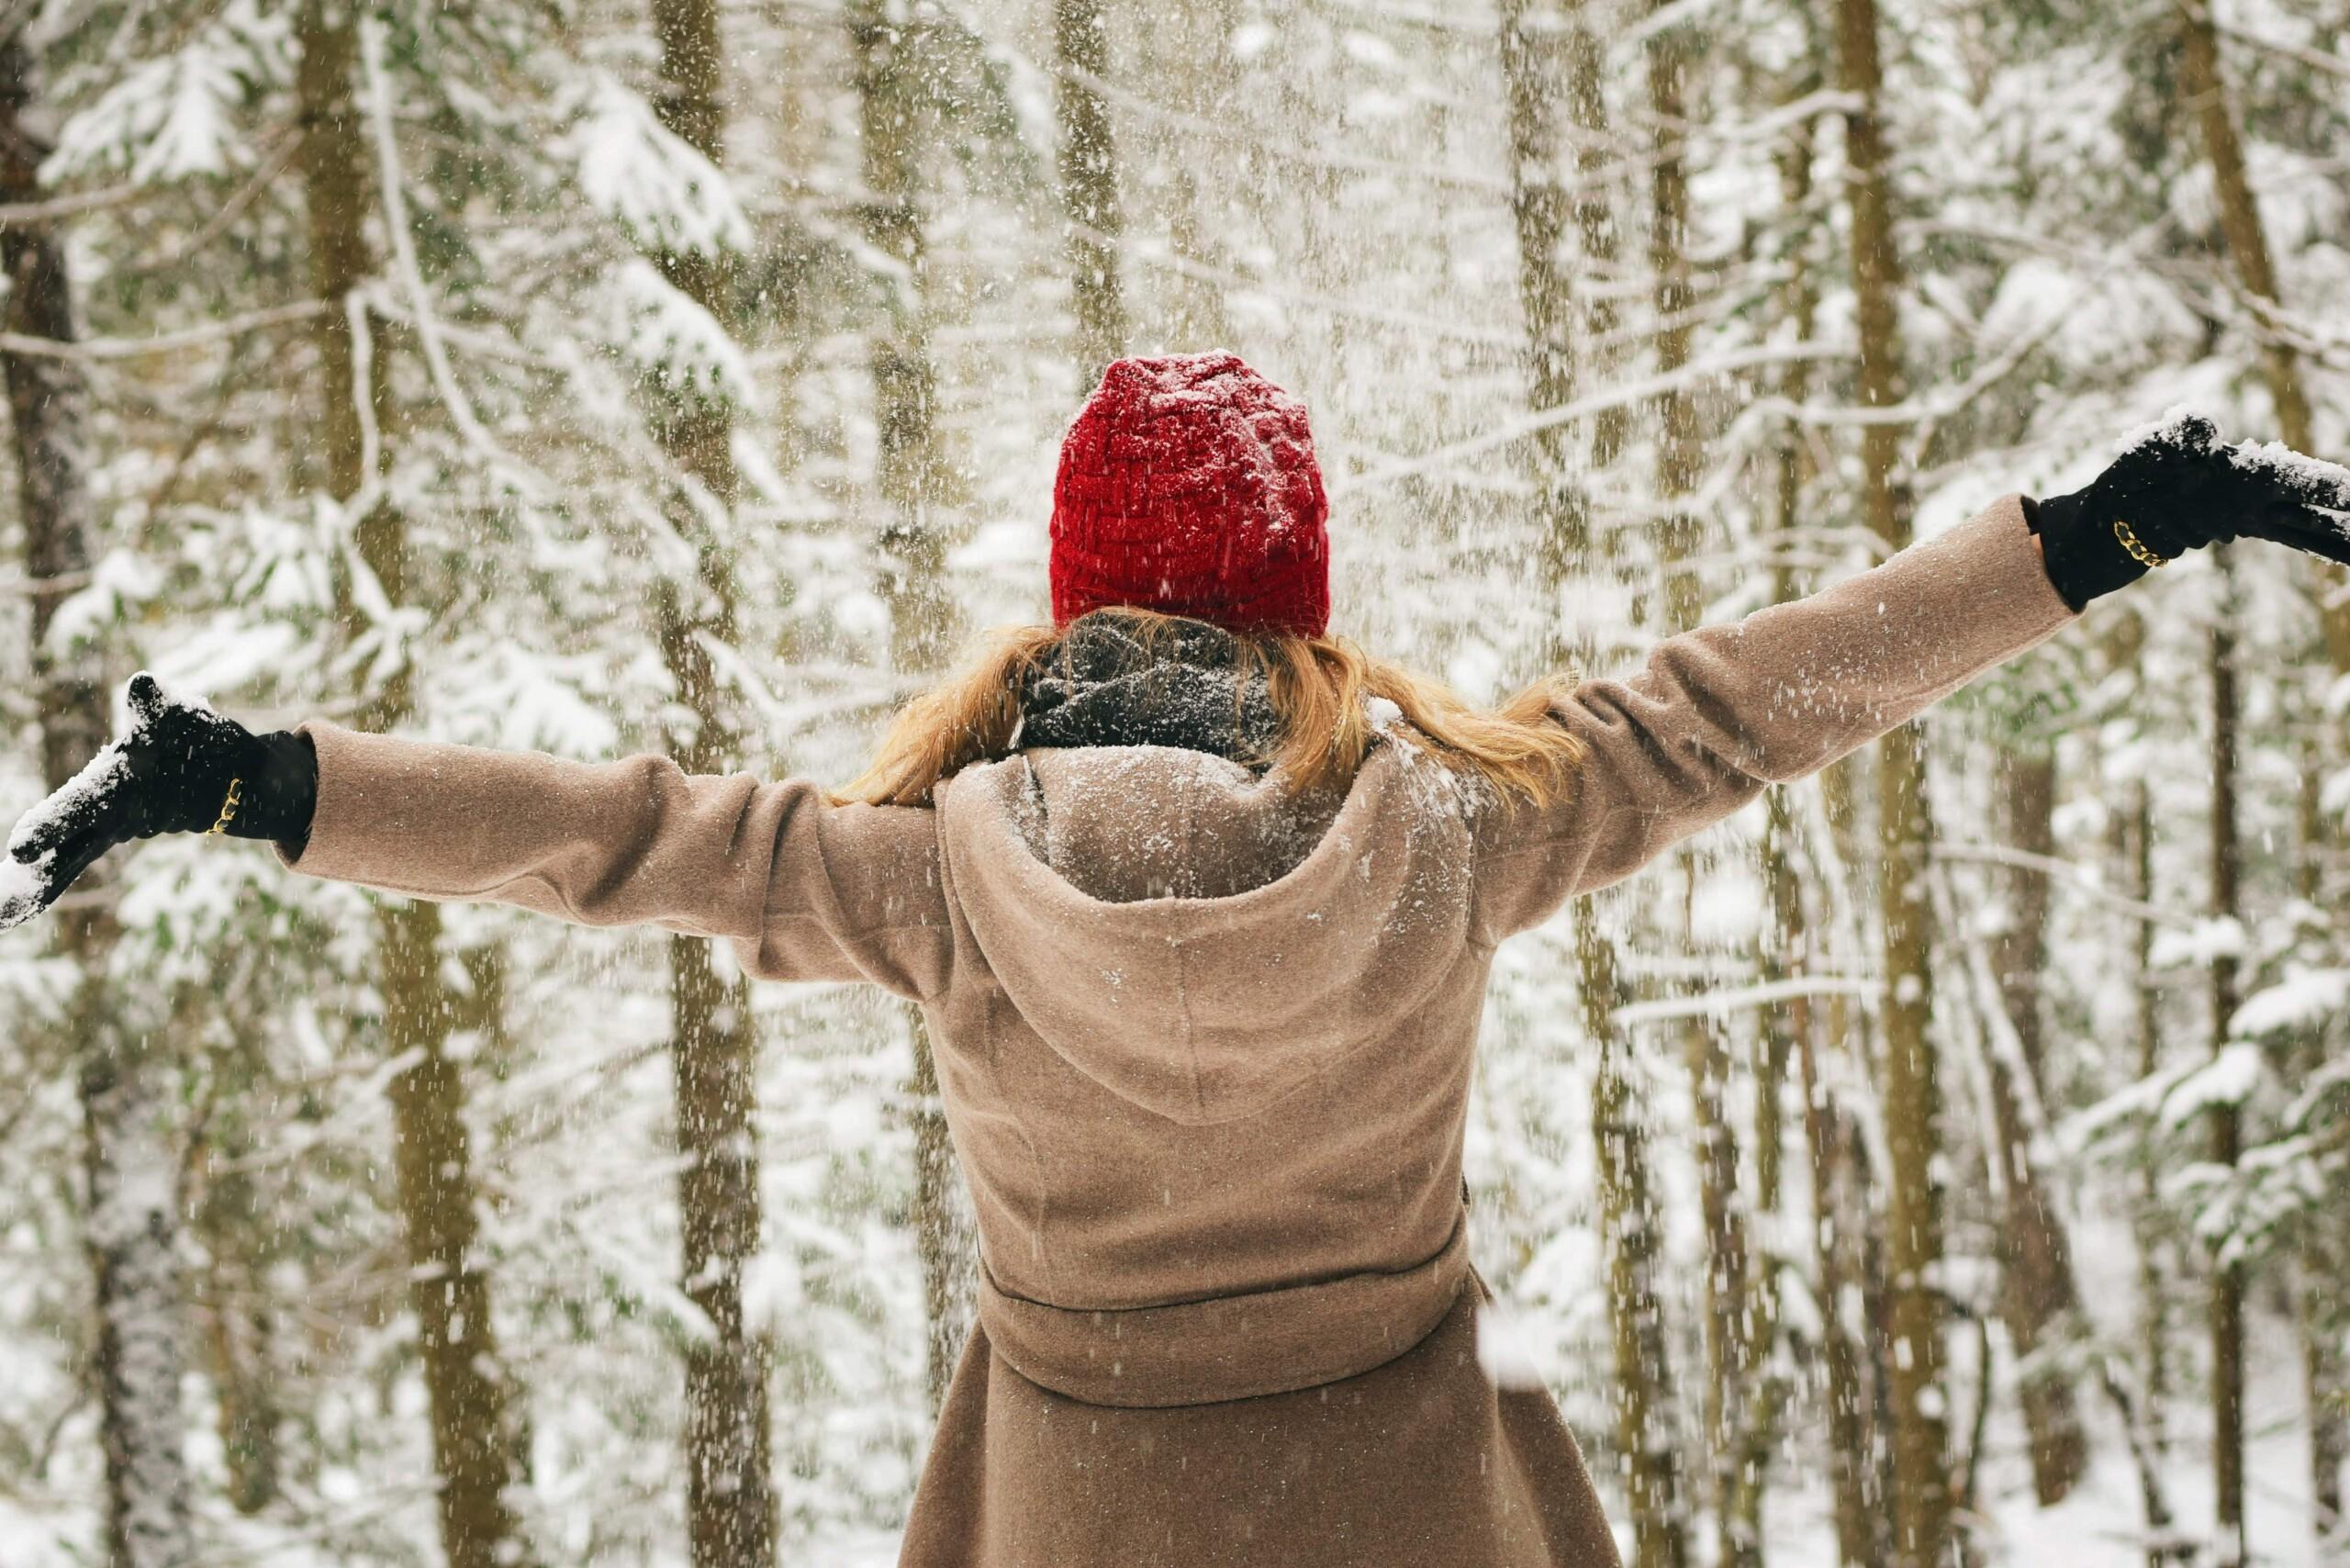 Mit diesen 10 Tipps kommst du nachhaltig durch die Winter- und Weihnachtszeit.